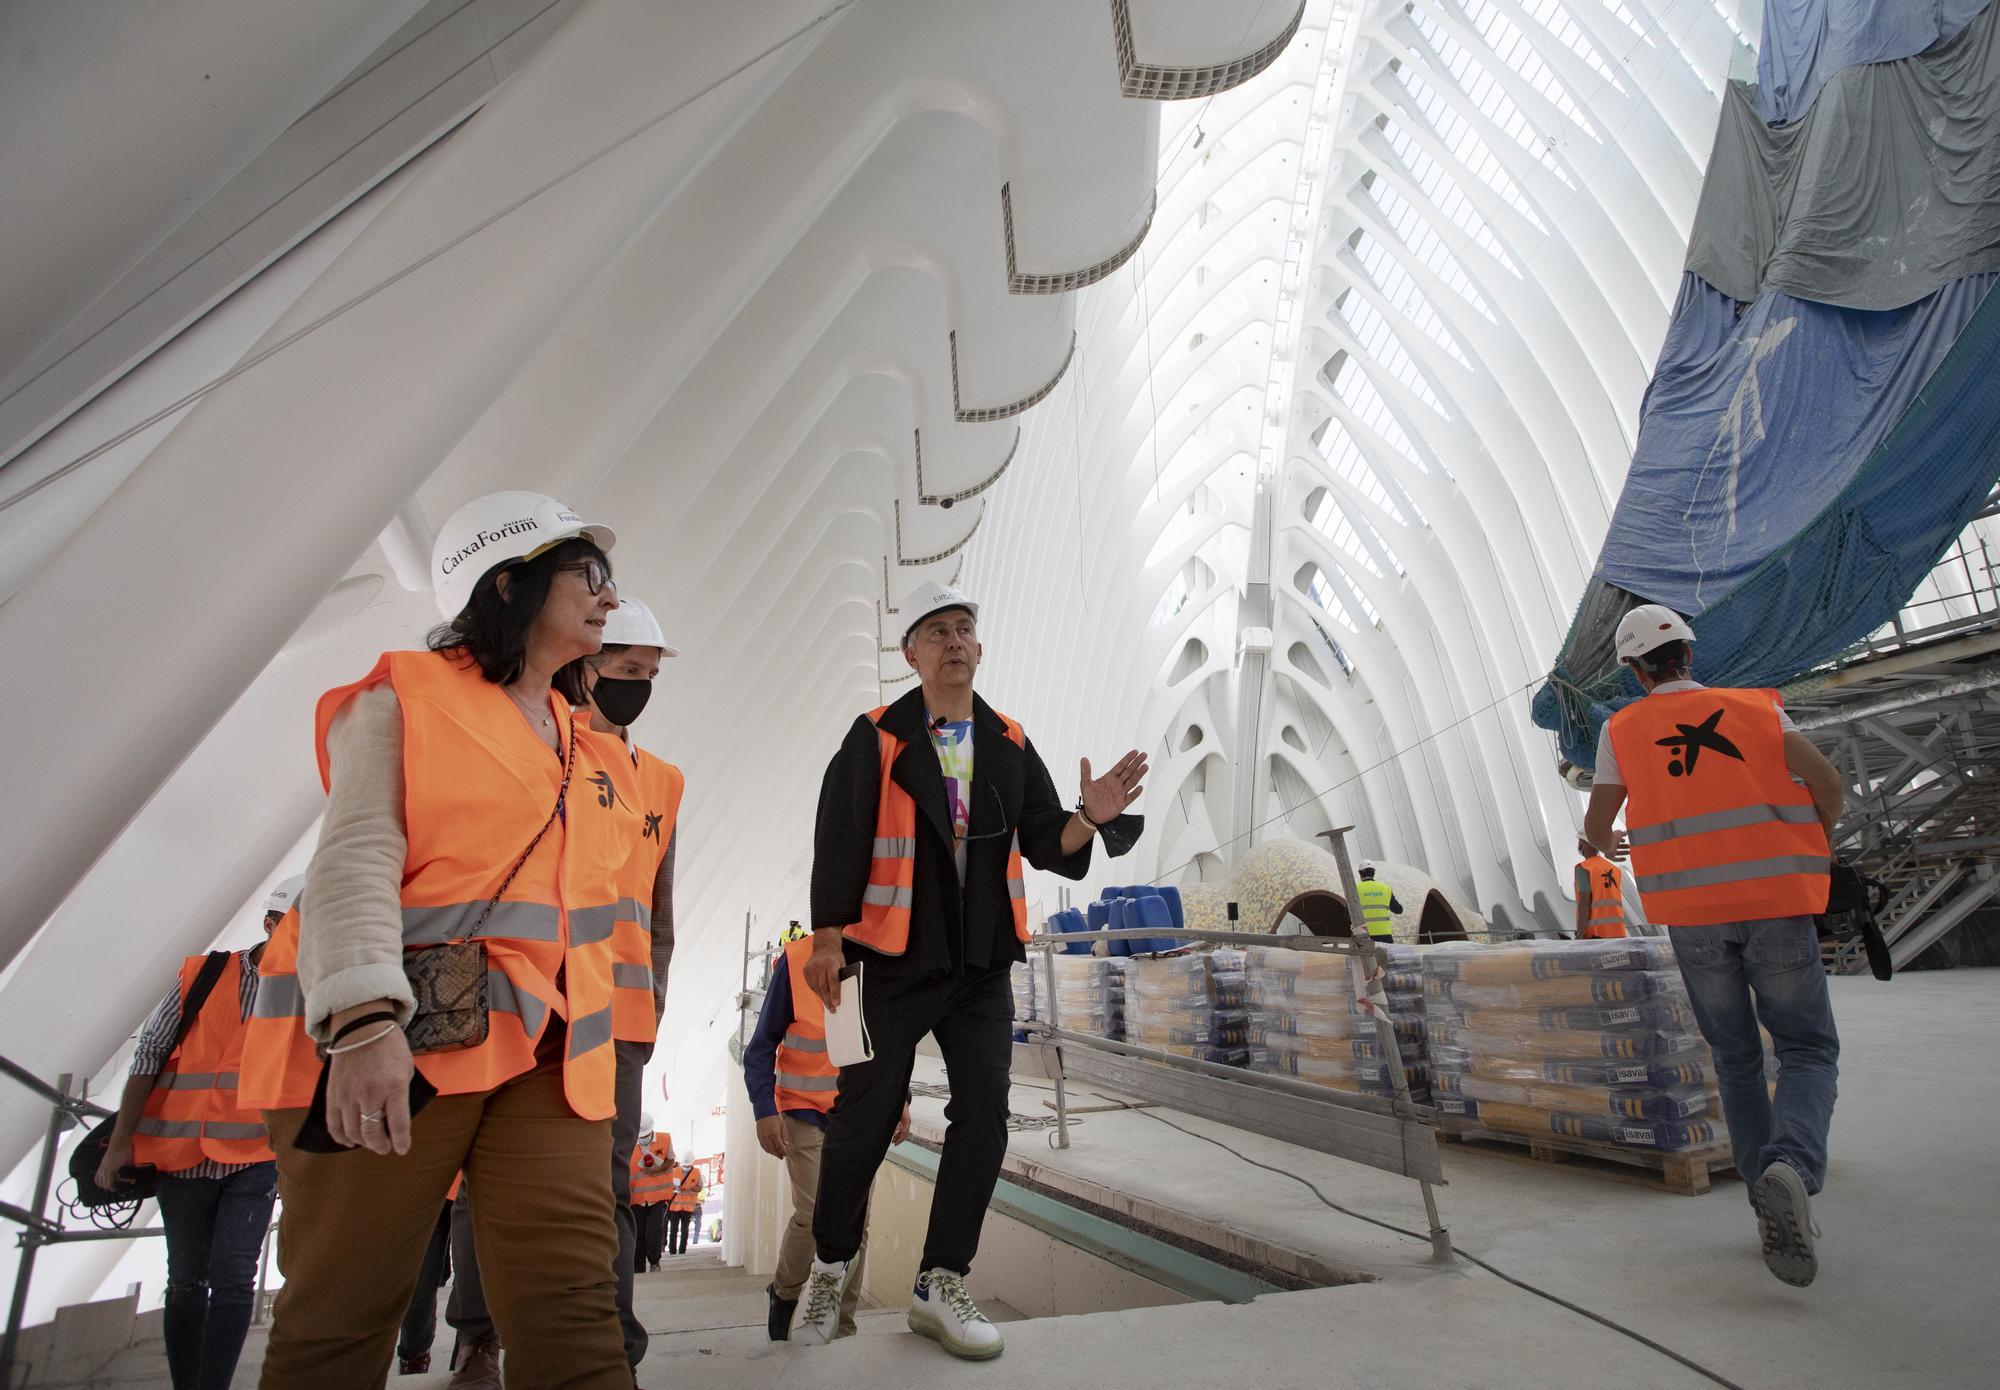 Así avanzan las obras del CaixaForum en el Ágora de Calatrava